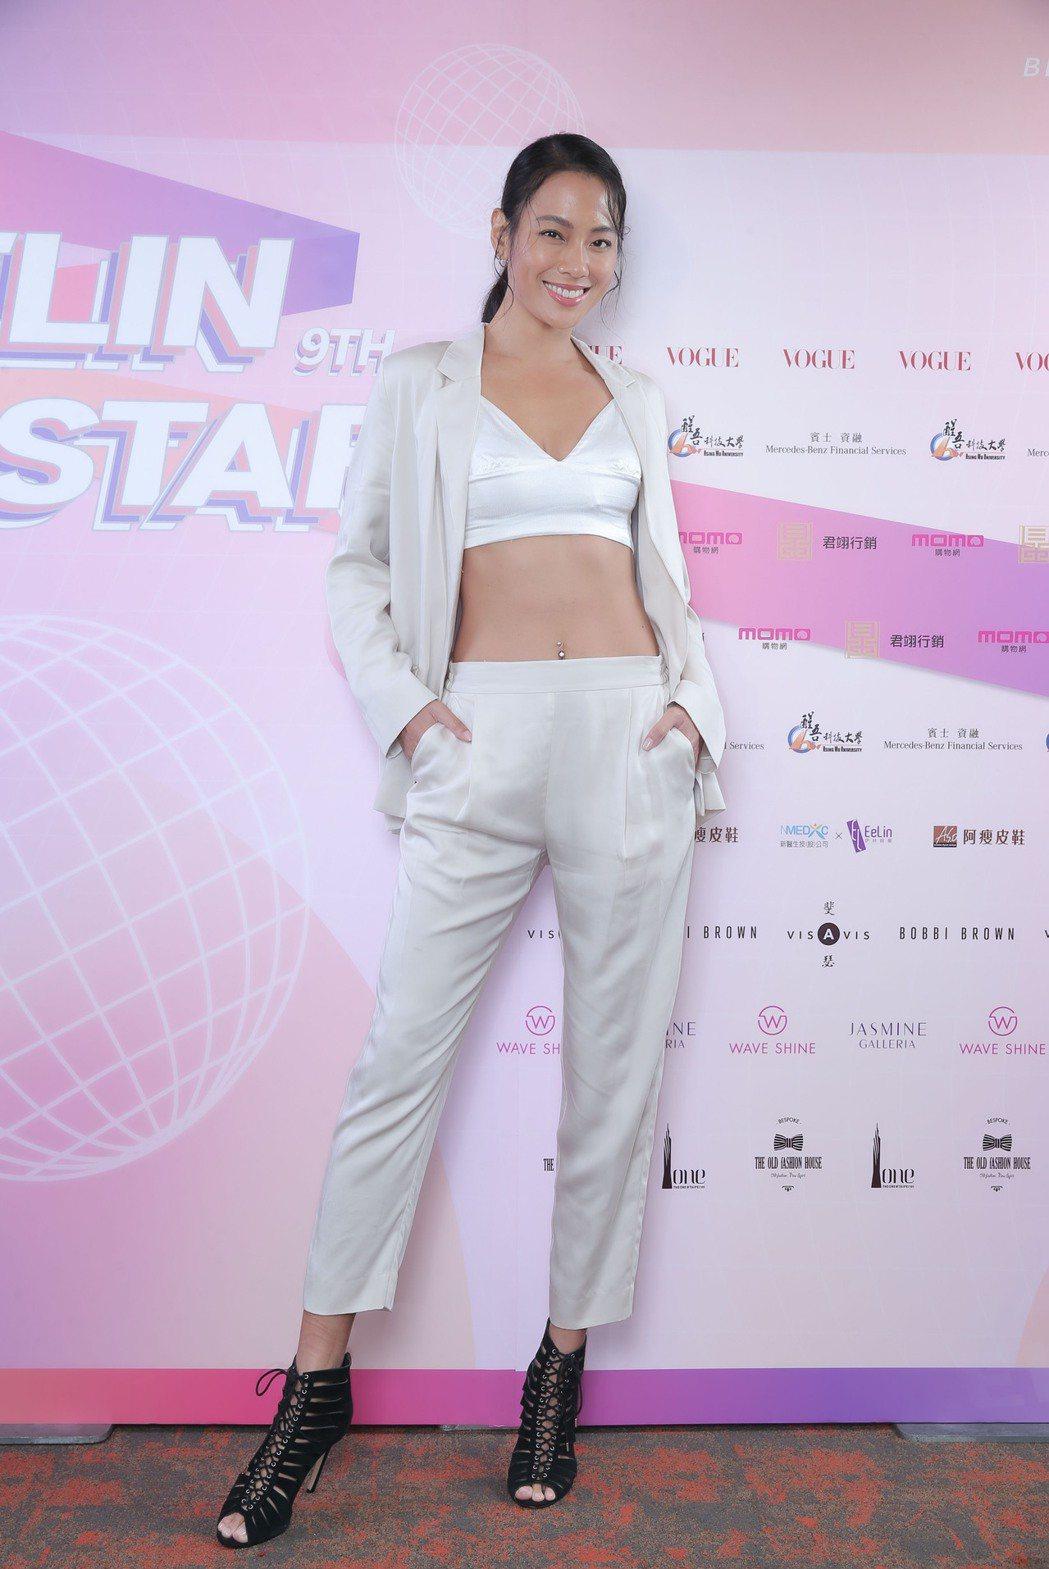 王麗雅曾擔任璀璨之星海選評審。圖/伊林娛樂提供